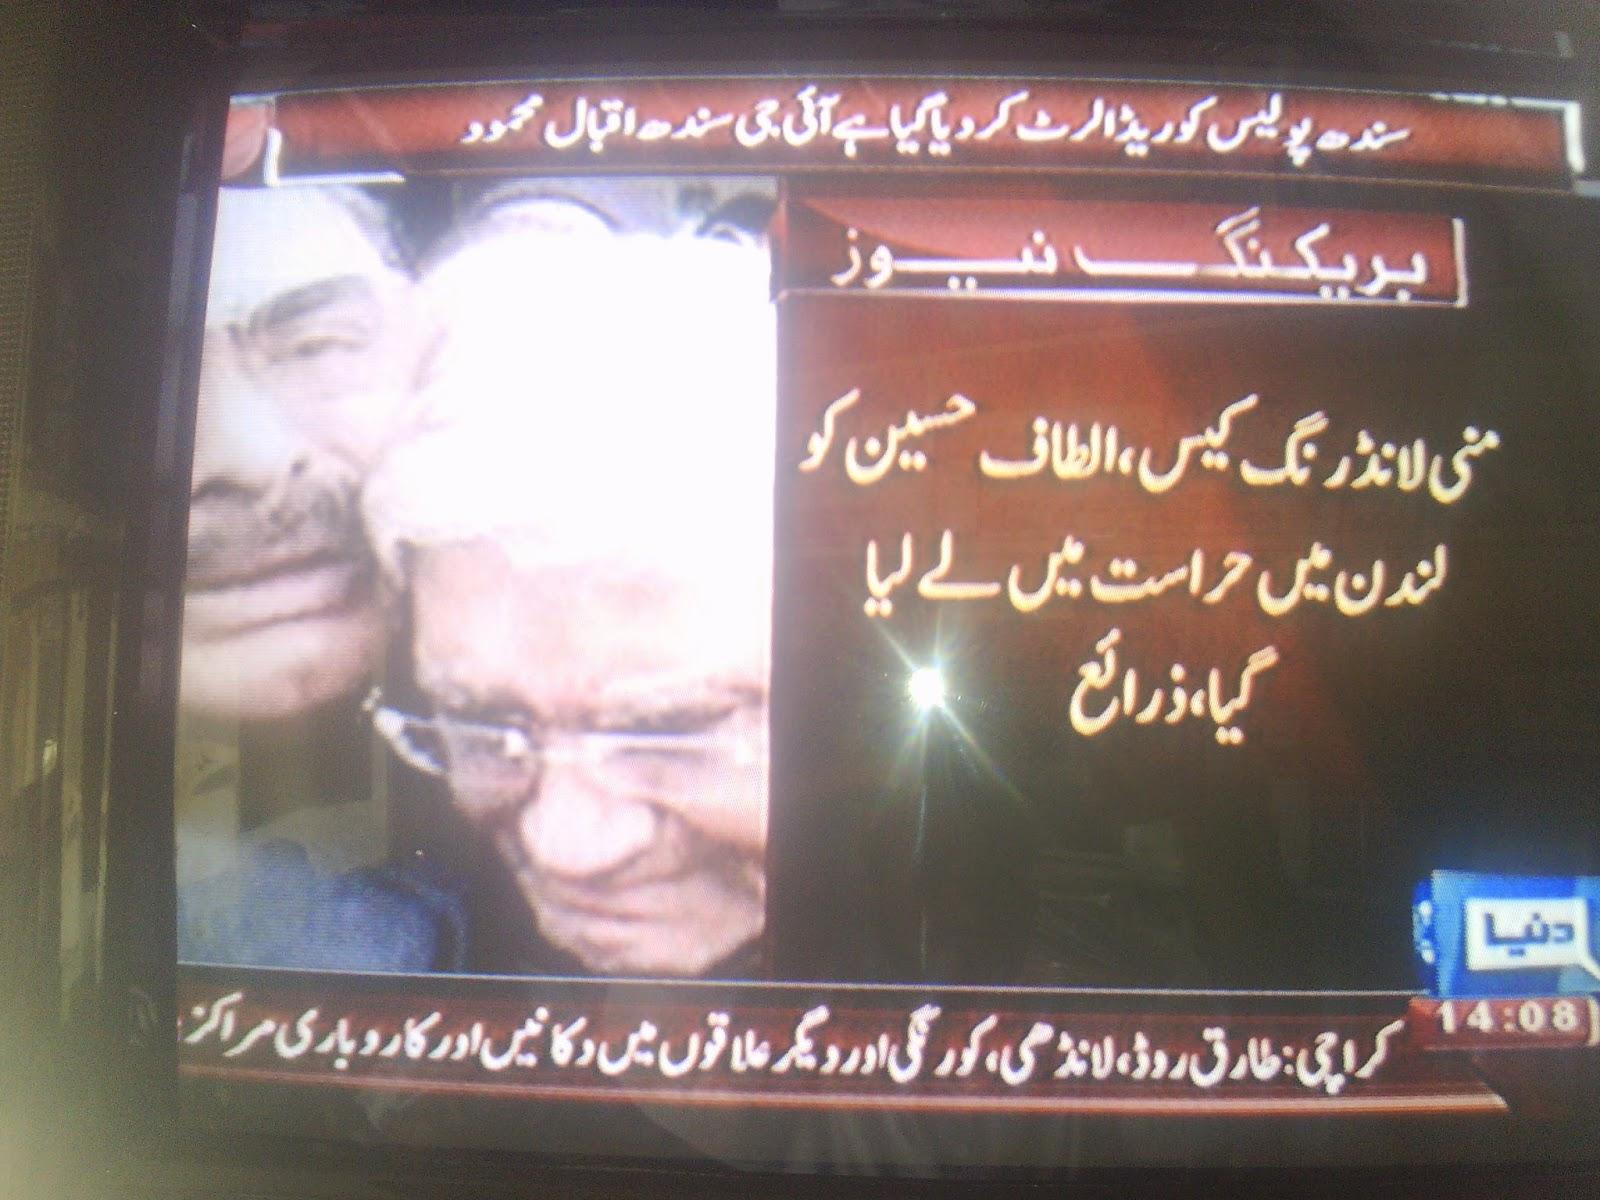 Altaf hussain arrested in London